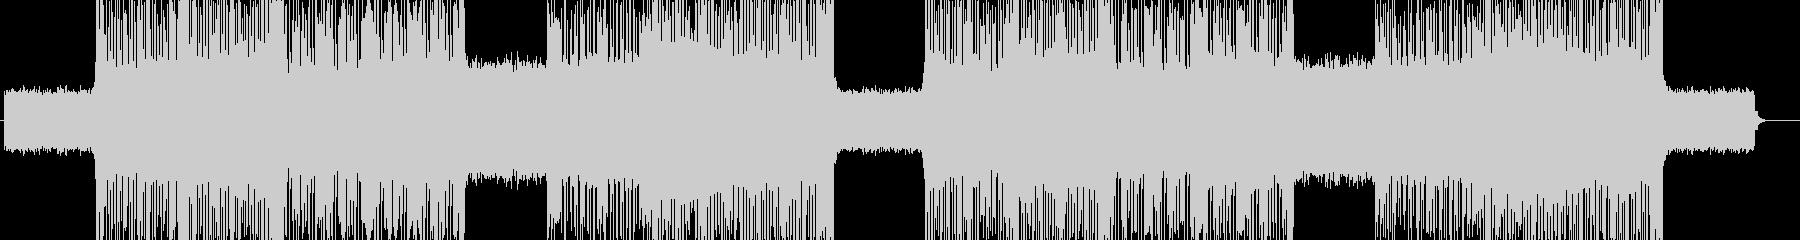 ハードロック、激しい・ヘヴィ BGM34の未再生の波形